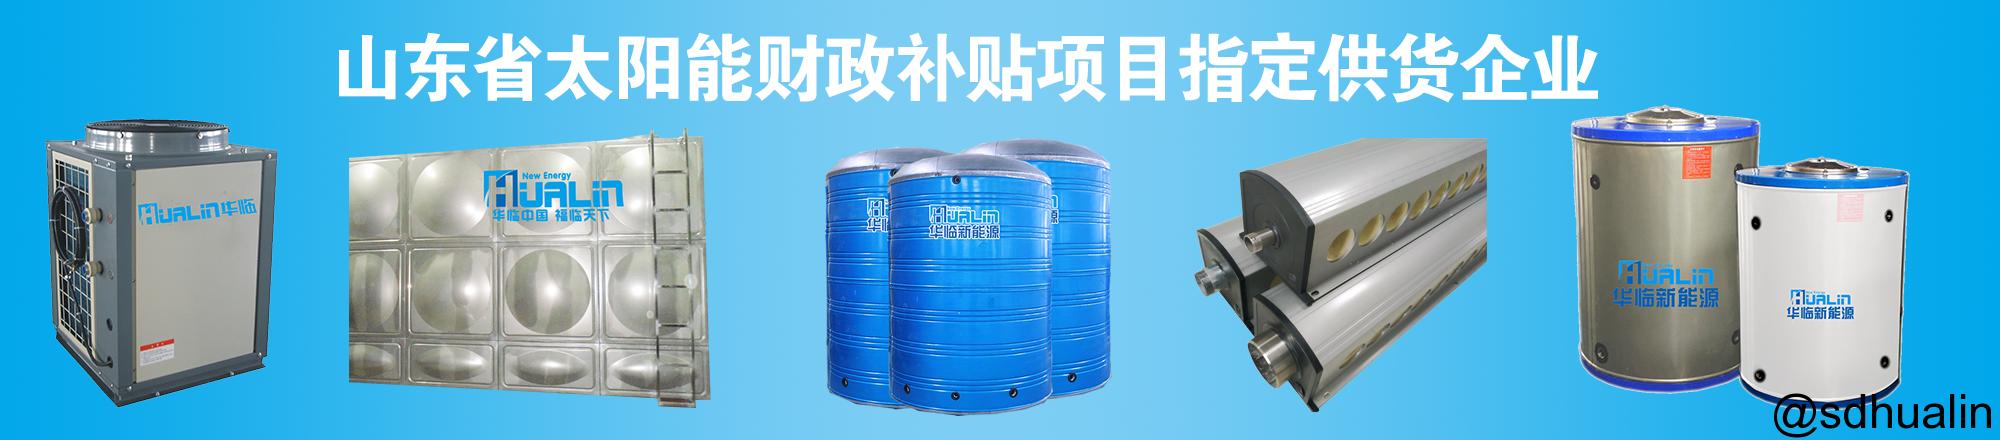 太阳能|光伏|不锈钢水箱|保温水箱|空气